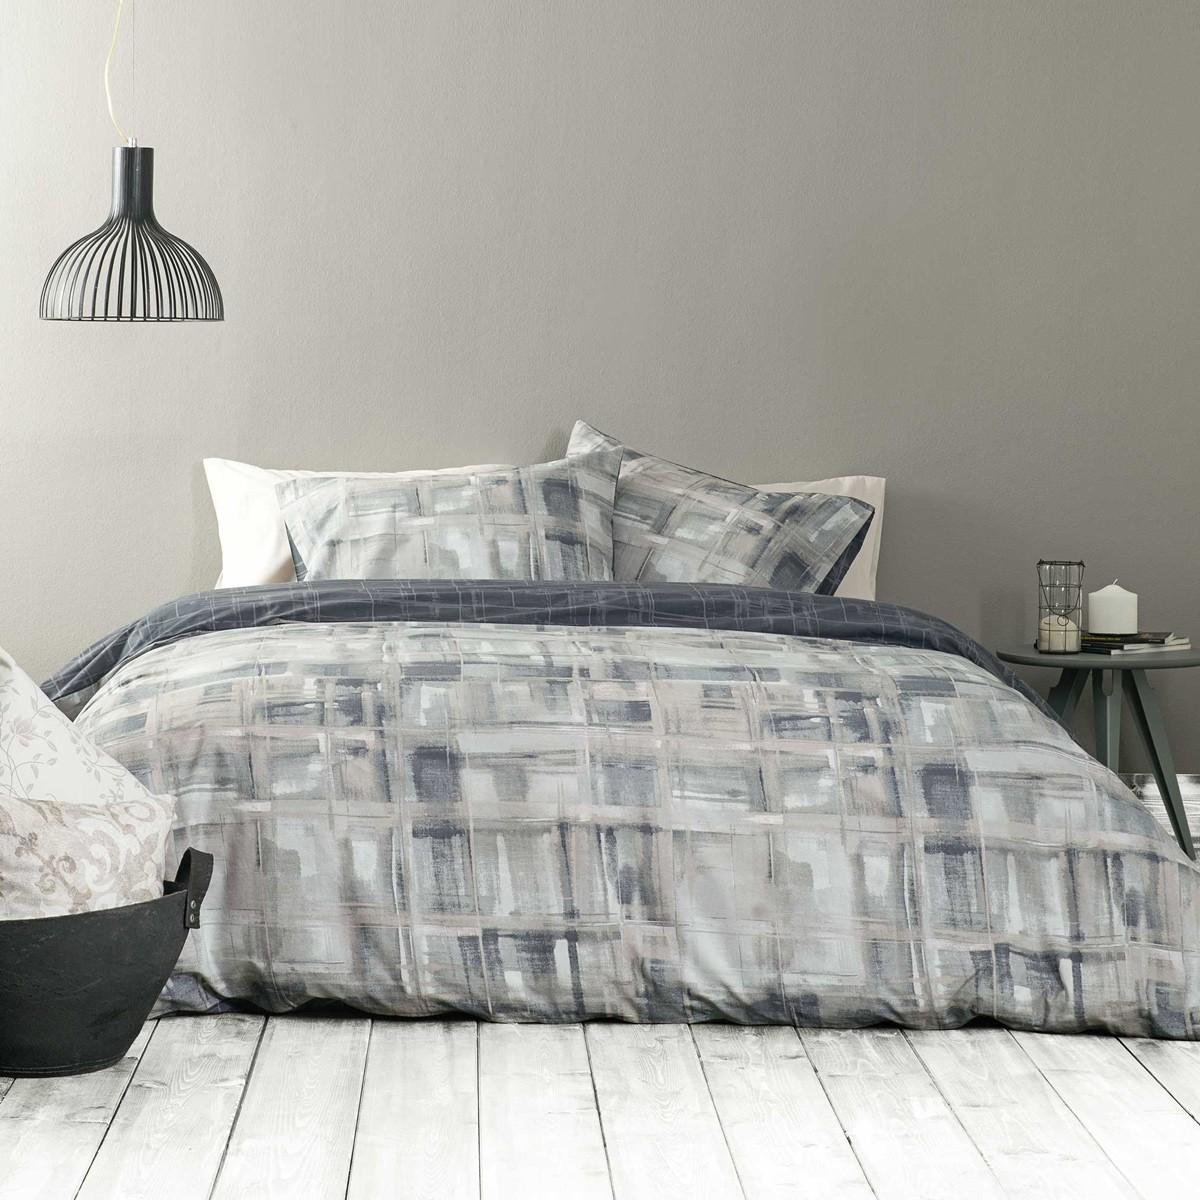 Σεντόνια Ημίδιπλα (Σετ) Nima Bed Linen Fianchetto Grey